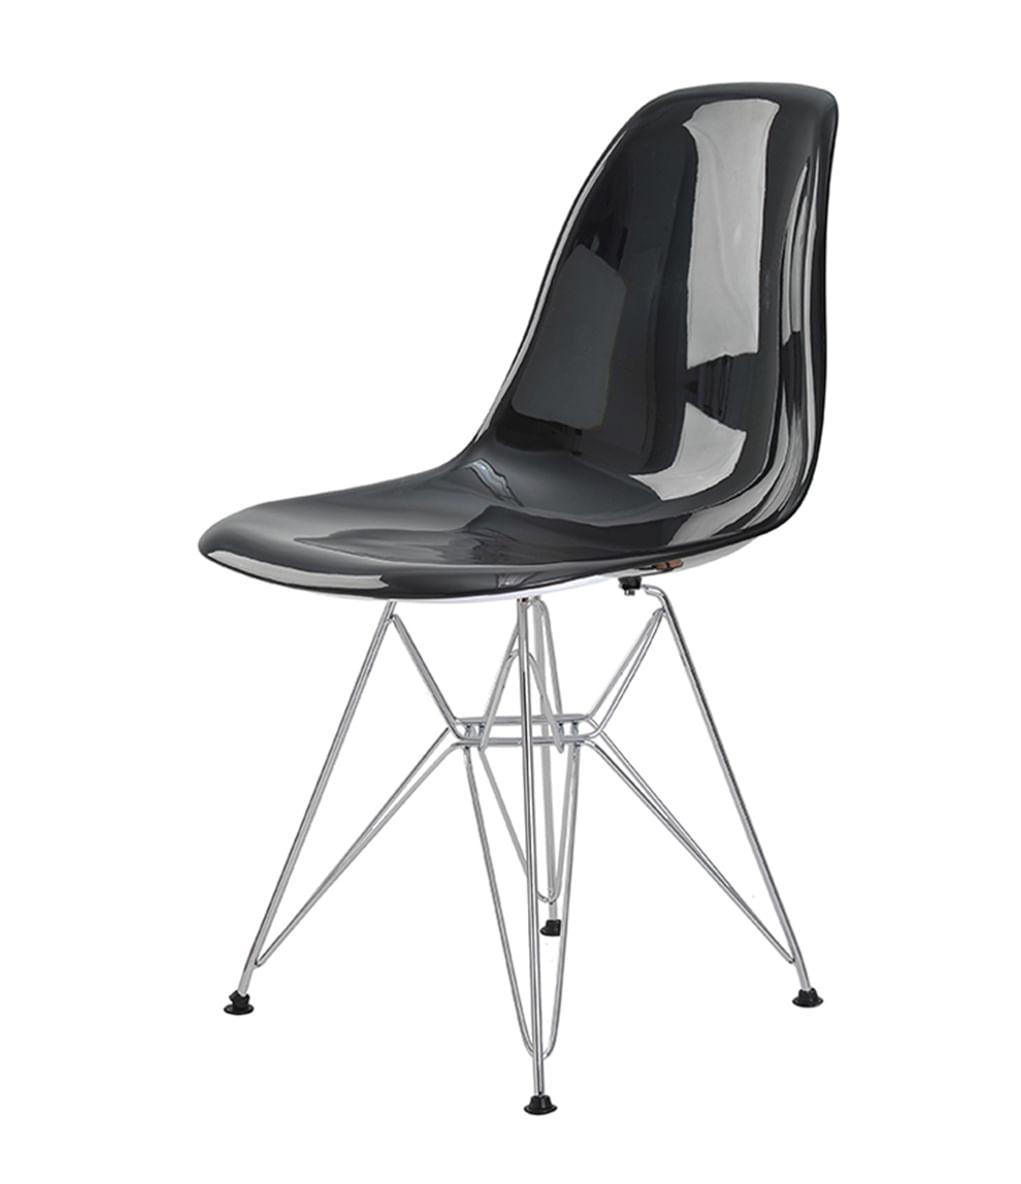 Cadeira Eames Eiffel Policarbonato Preto Solido Base Cromada - 44196